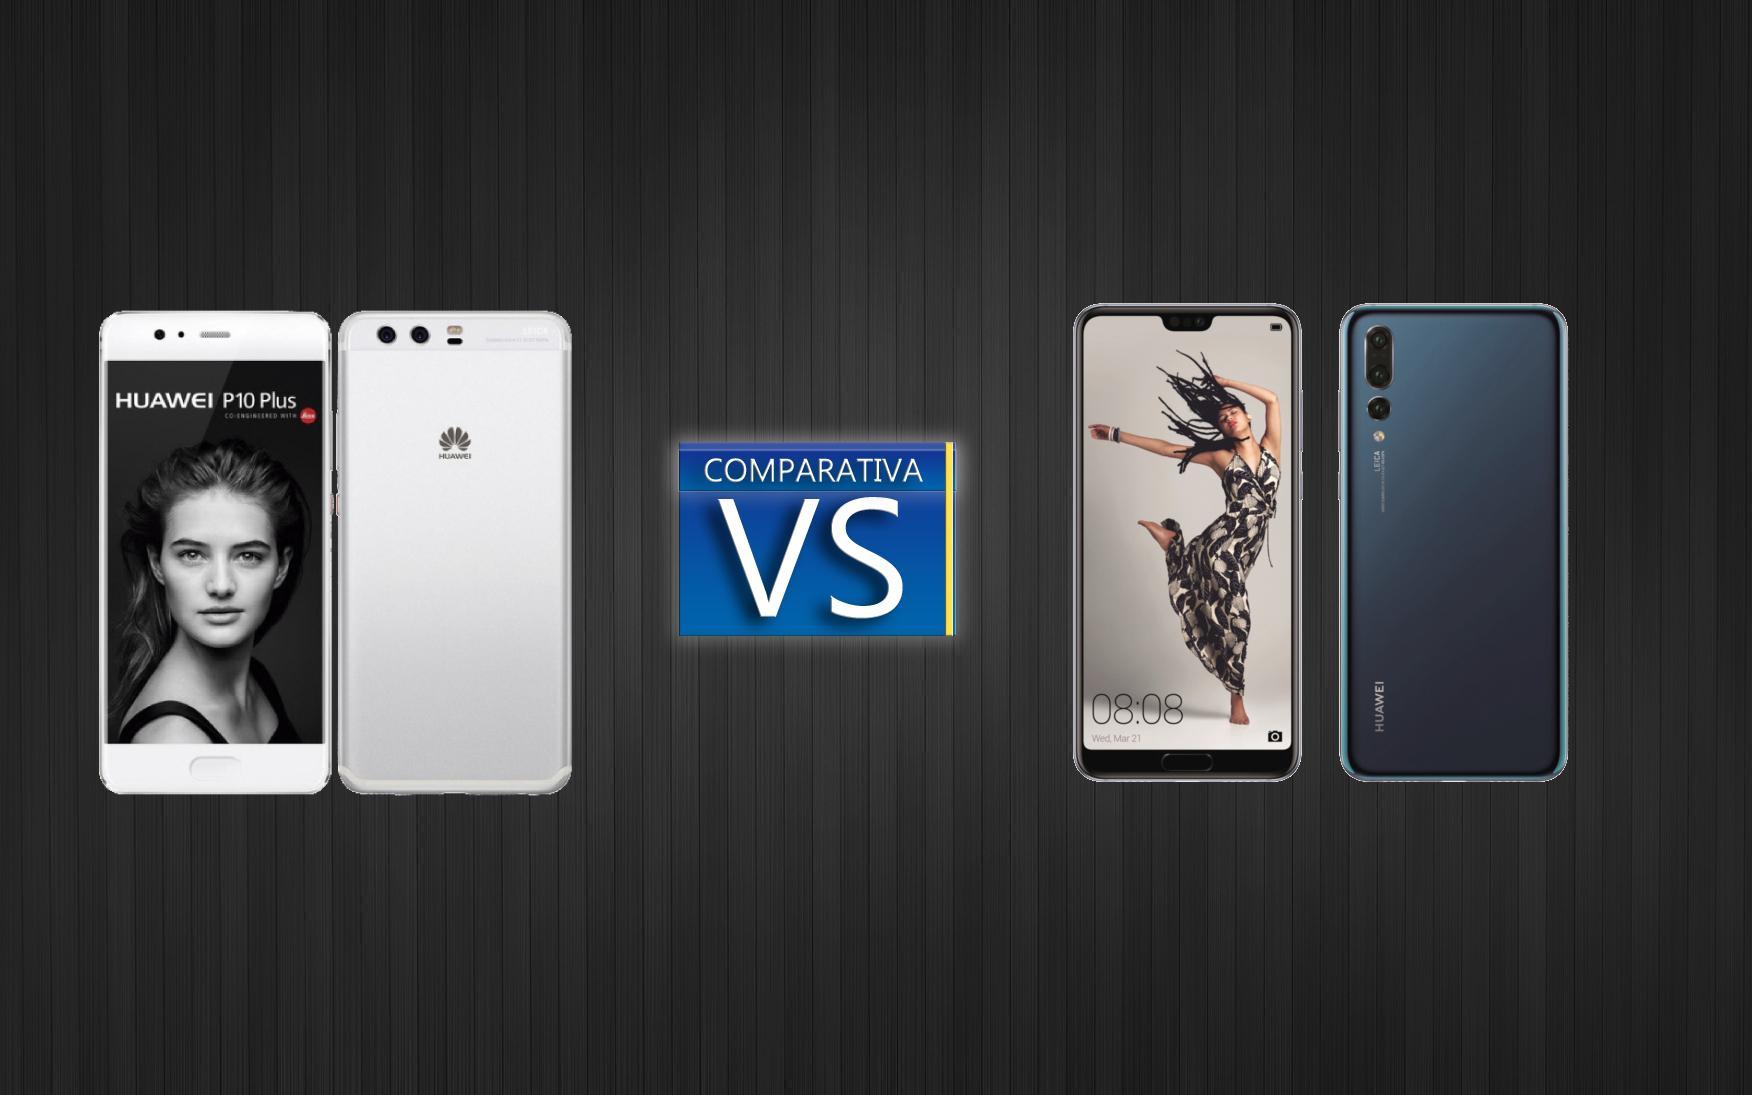 Comparativa del Huawei P20 y el Huawei P10